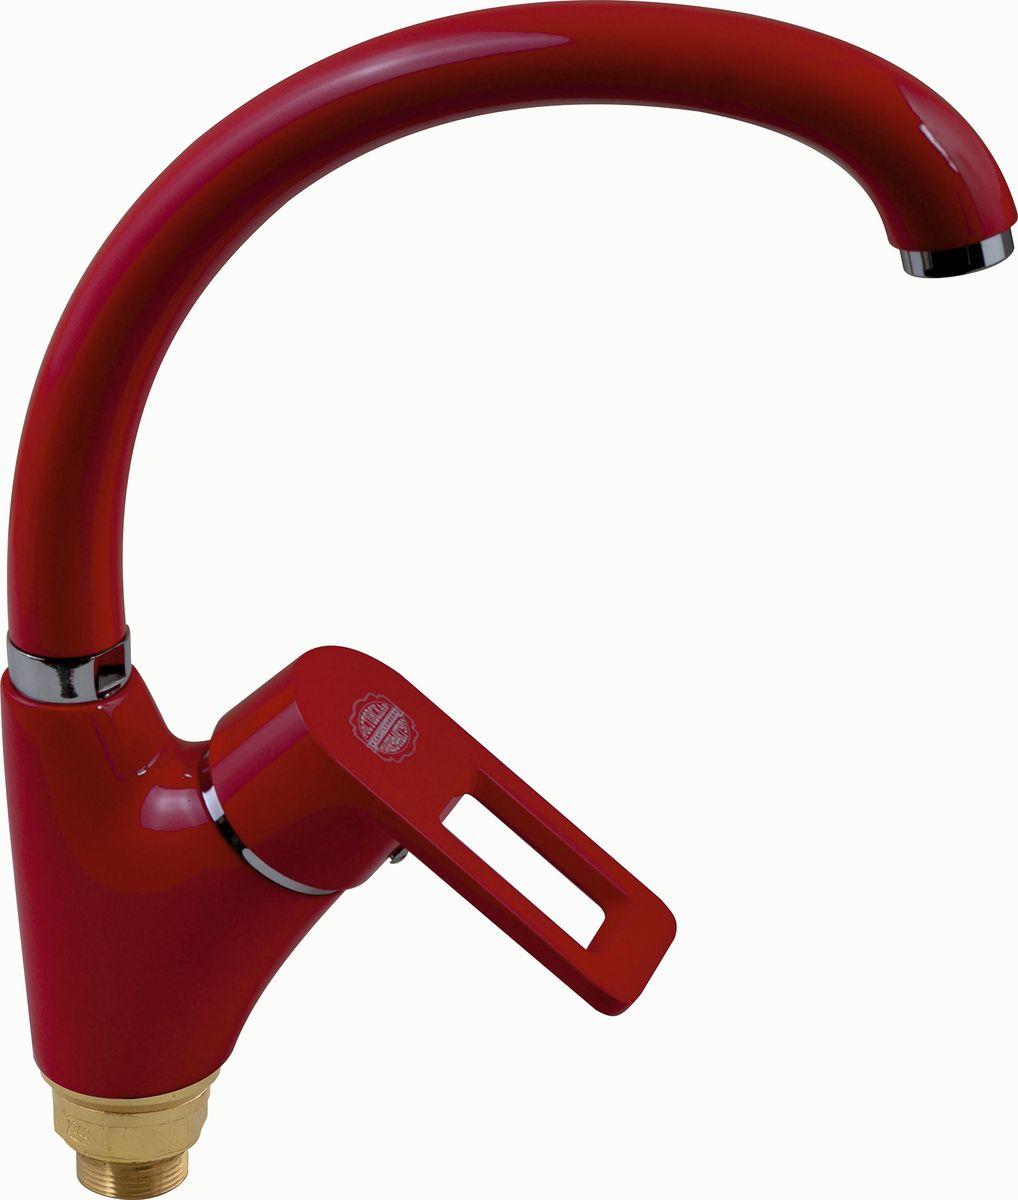 Смеситель для кухни РМС, с высоким поворотным изливом. SL77R-999F. Цвет: красныйSL77R-999FСмеситель для кухни с высоким изливом. Картридж: керамический 40мм. Крепление: гайка. Аэратор: пластиковый. Цвет покрытия корпуса: красный. В комплекте: гибкая подводка Особенности: - Крепление на гайке - Керамич.картридж 40мм - Аэратор пластиковый - Гибкая подводка